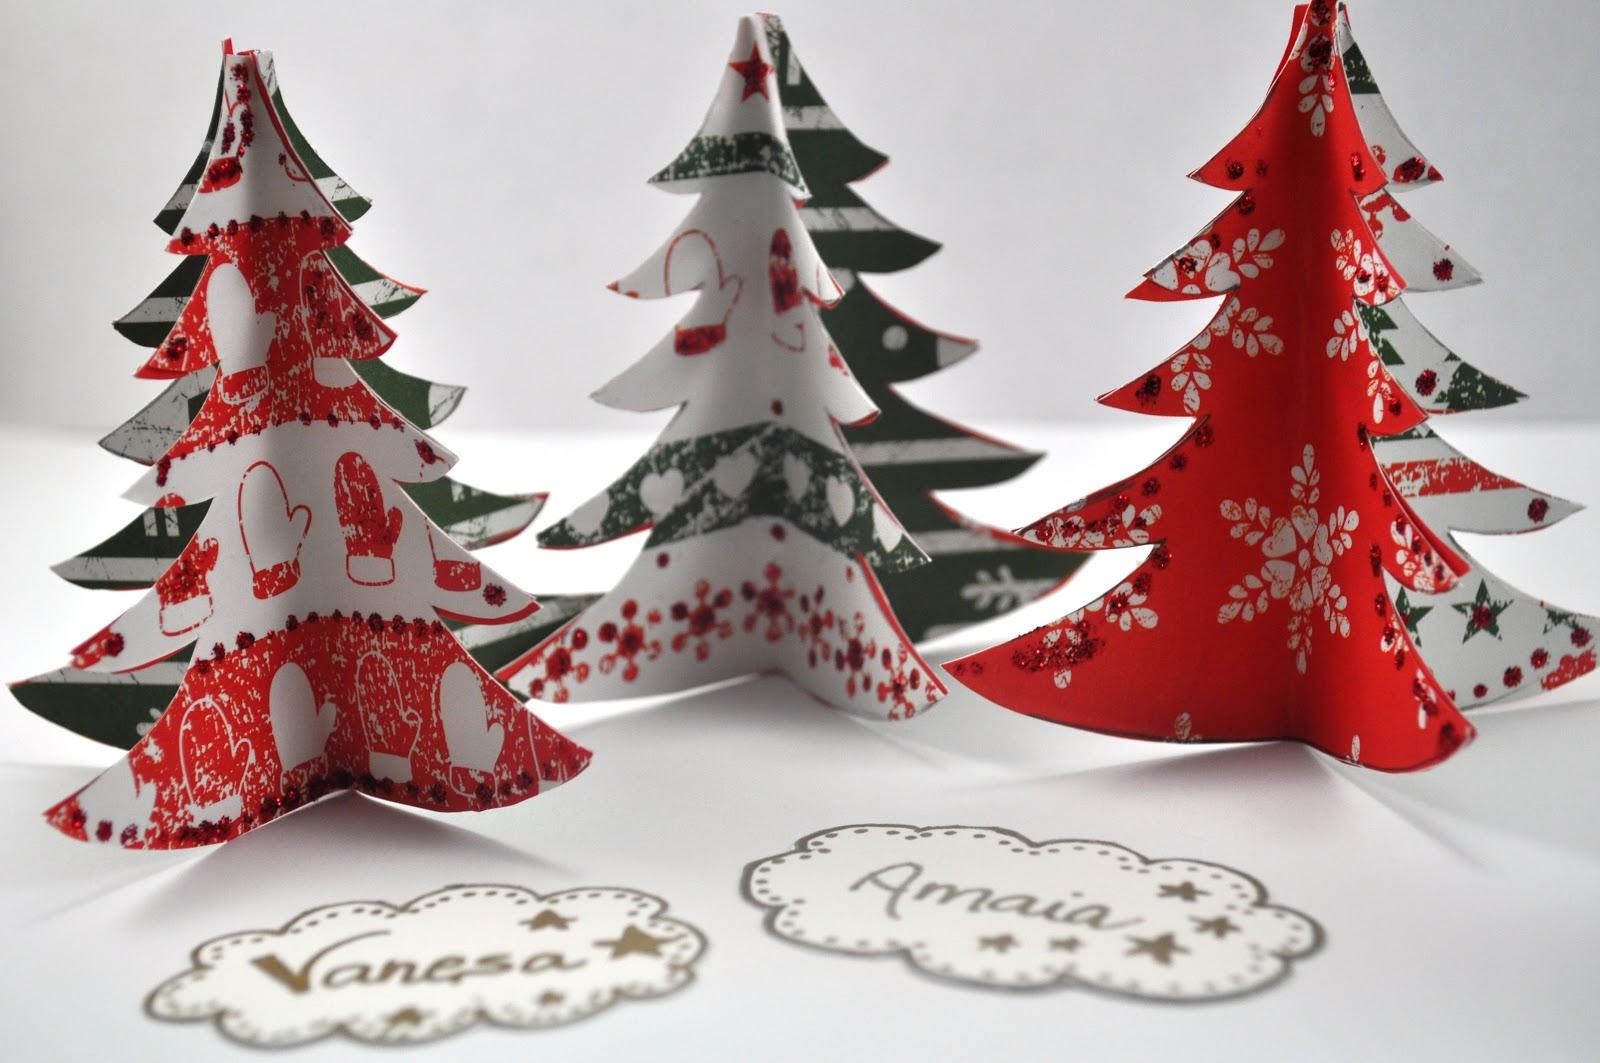 Rbol de navidad christmas tree entre papeles y galletas - Como hacer adornos para navidad ...